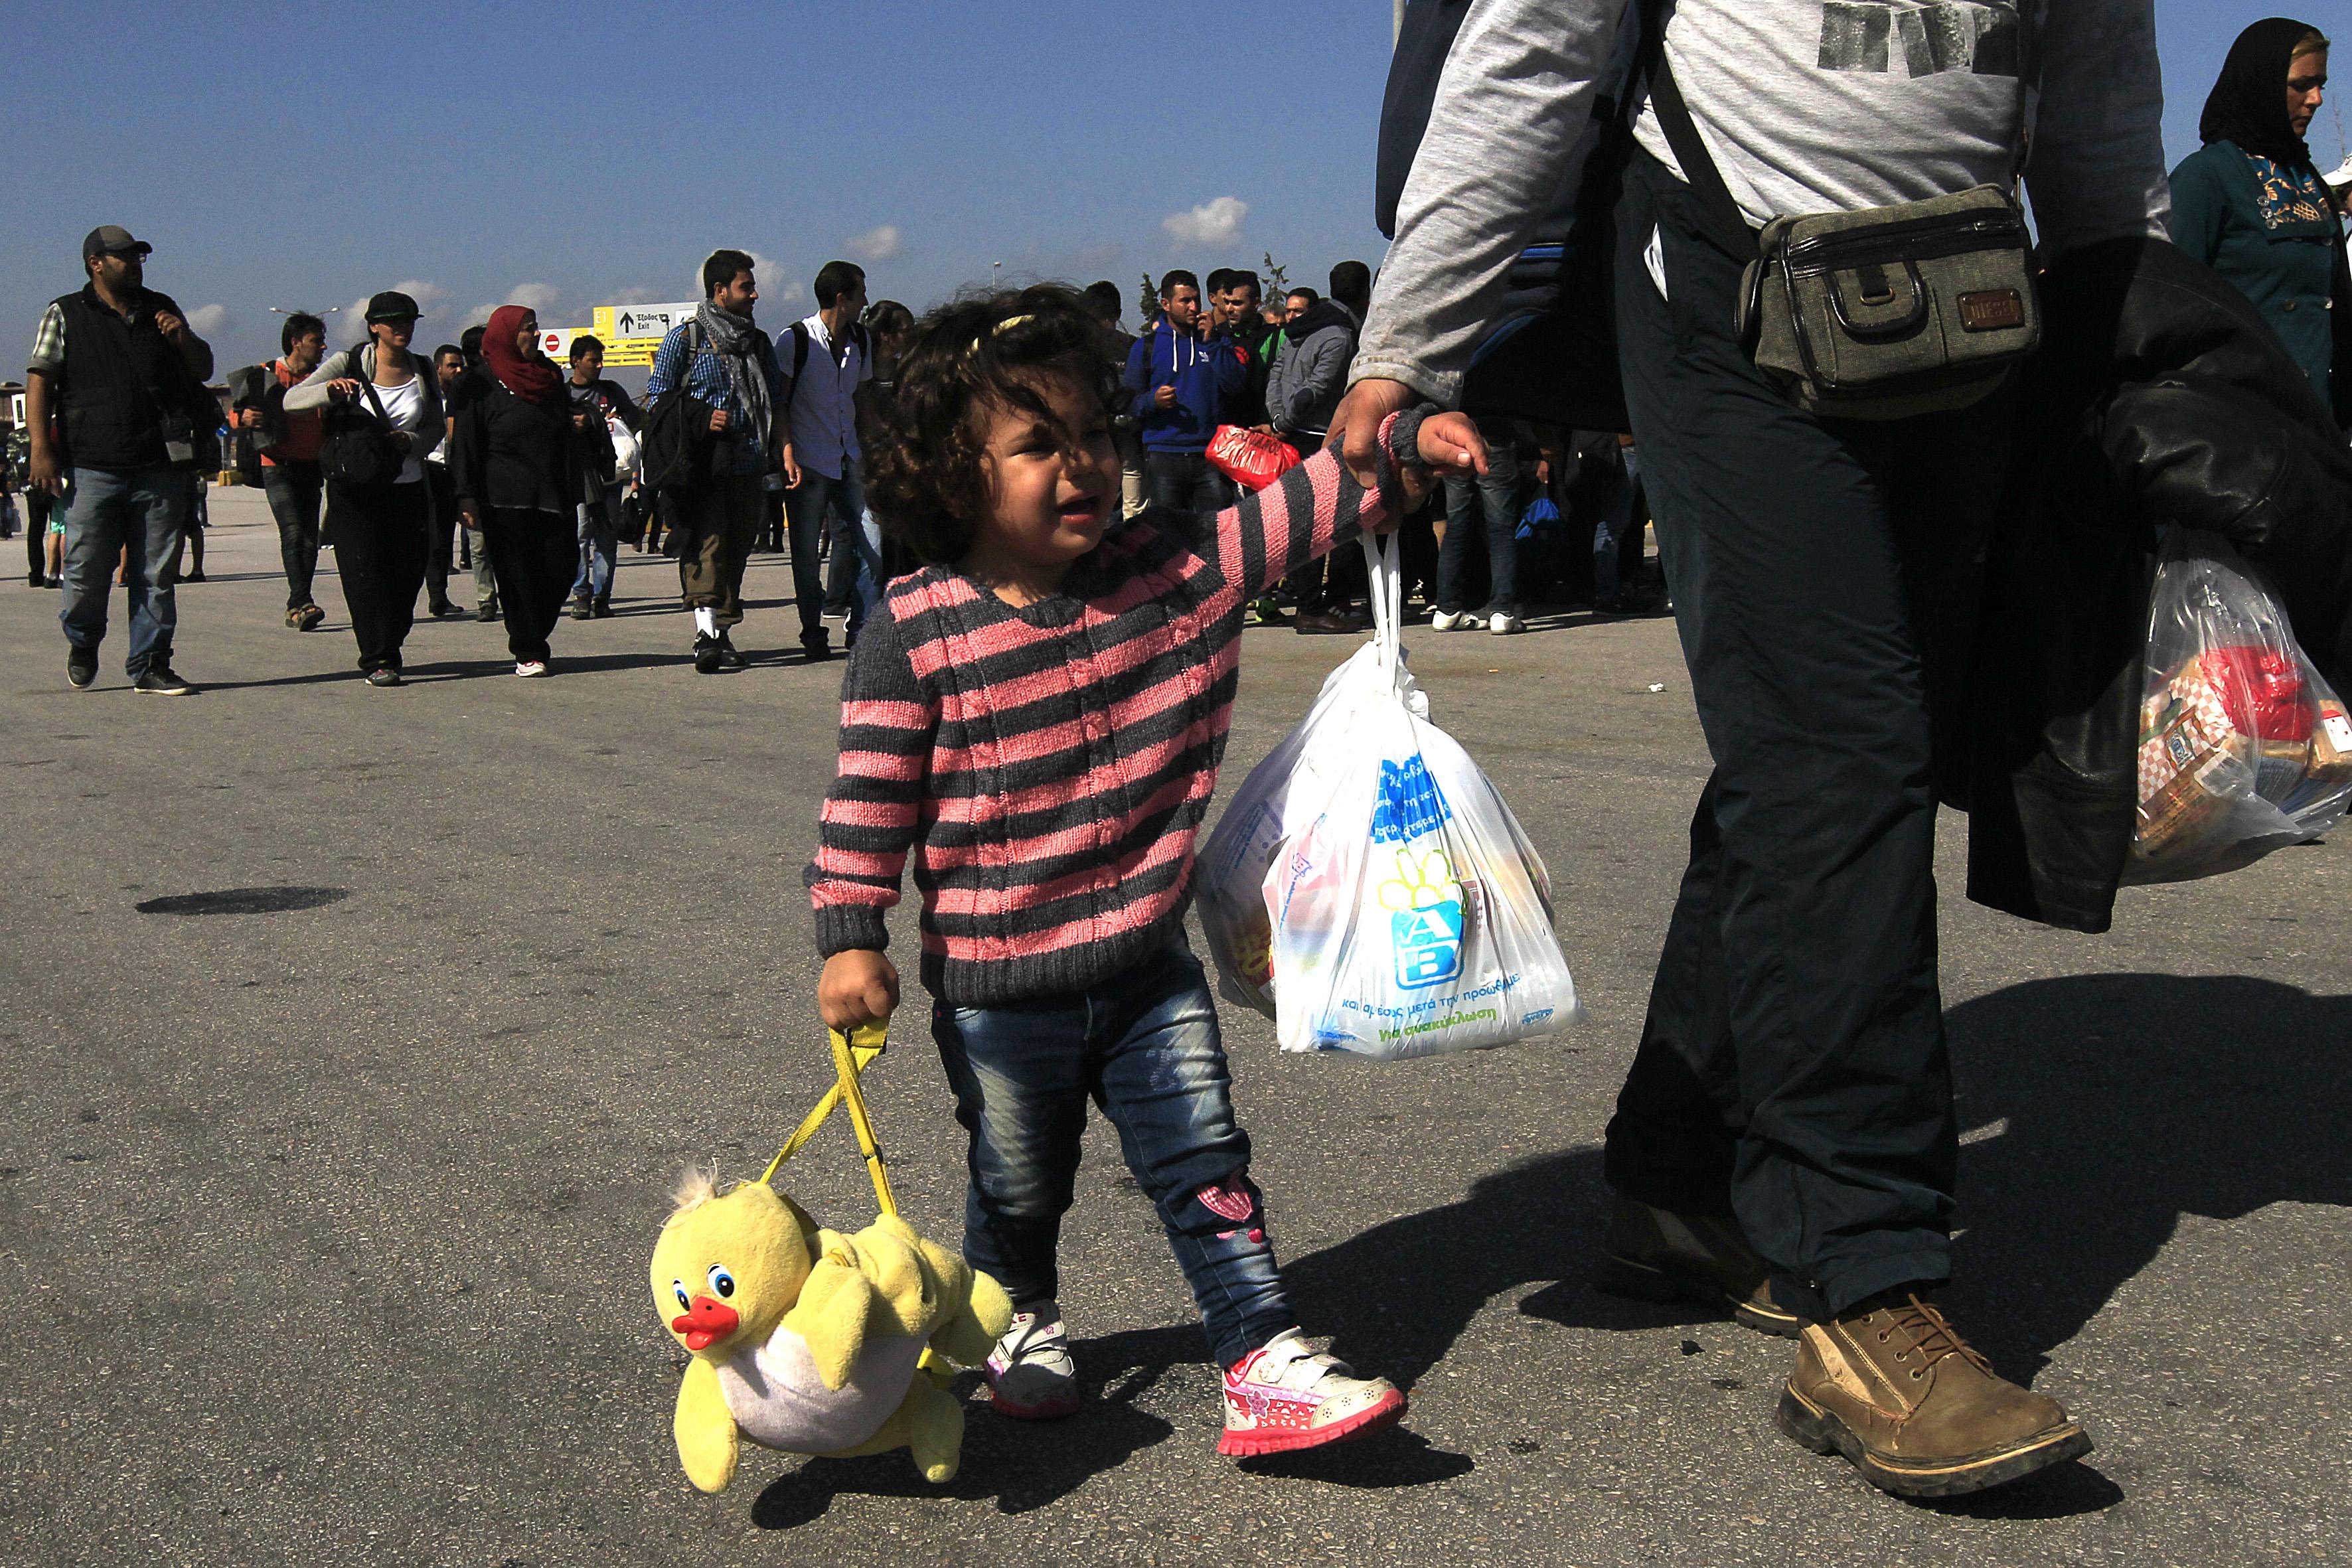 Δύο πλοία με πάνω από 3.000 πρόσφυγες φτάνουν στον Πειραιά | tovima.gr